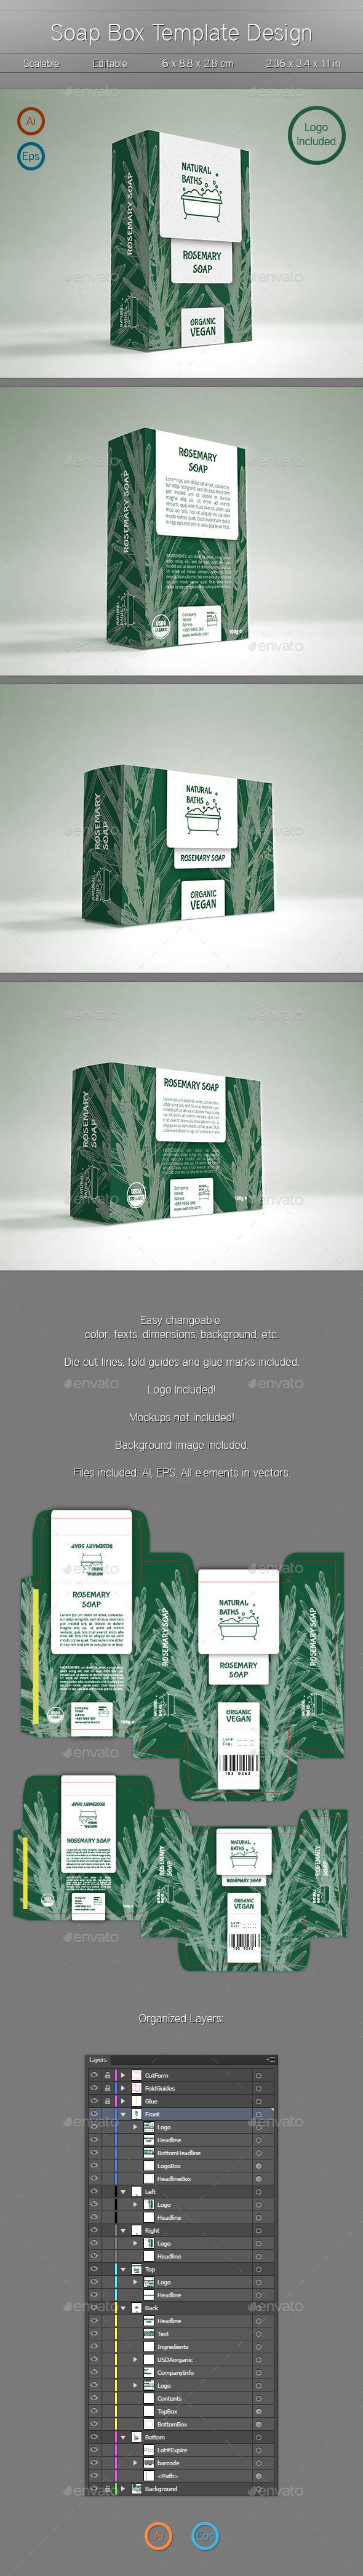 GraphicRiver Soap Box Design 11311364